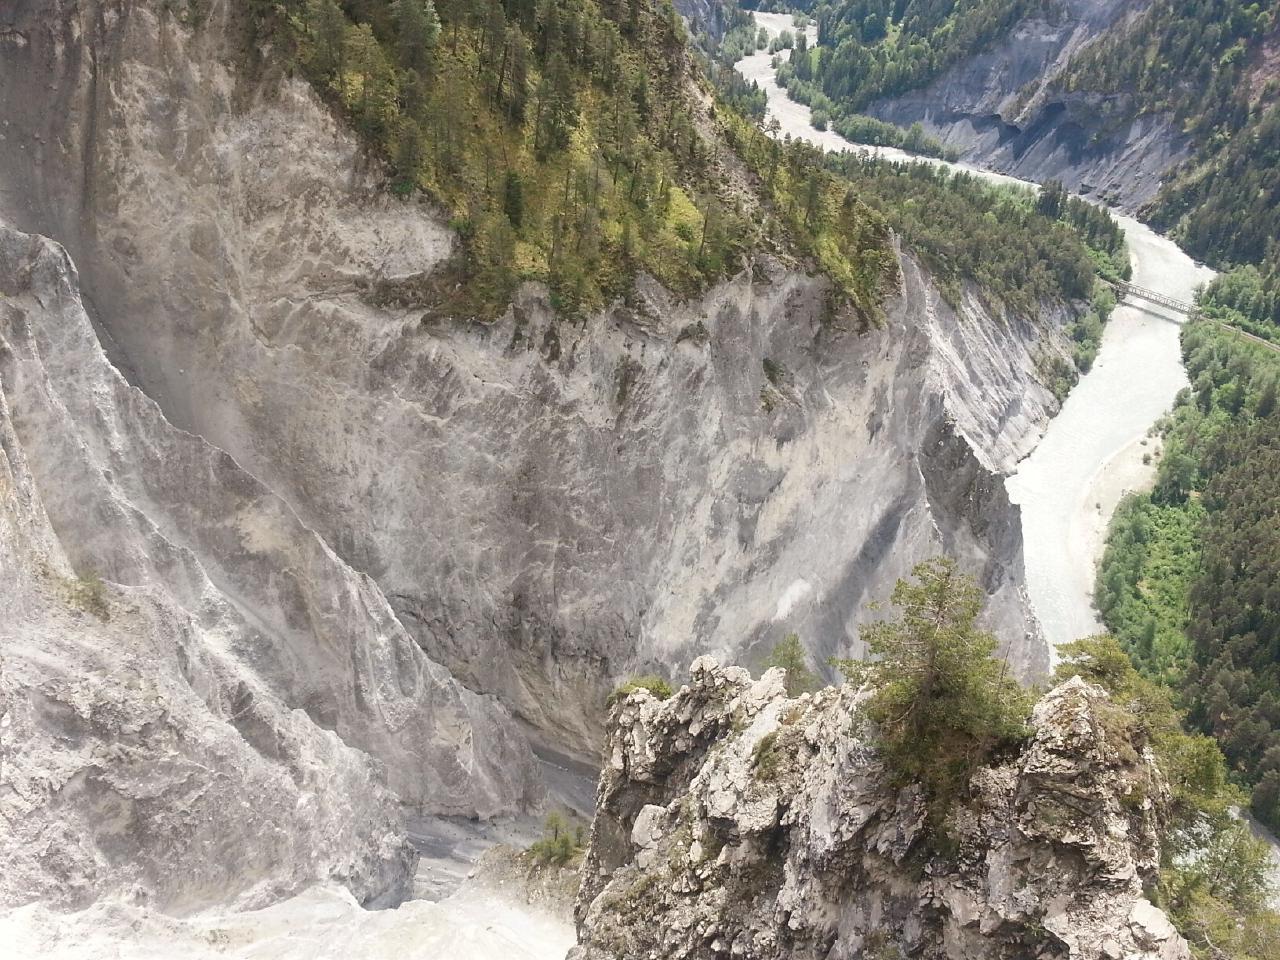 Ferienwohnung Seeblick Fraissen (1146940), Laax, Flims - Laax - Falera, Graubünden, Schweiz, Bild 18